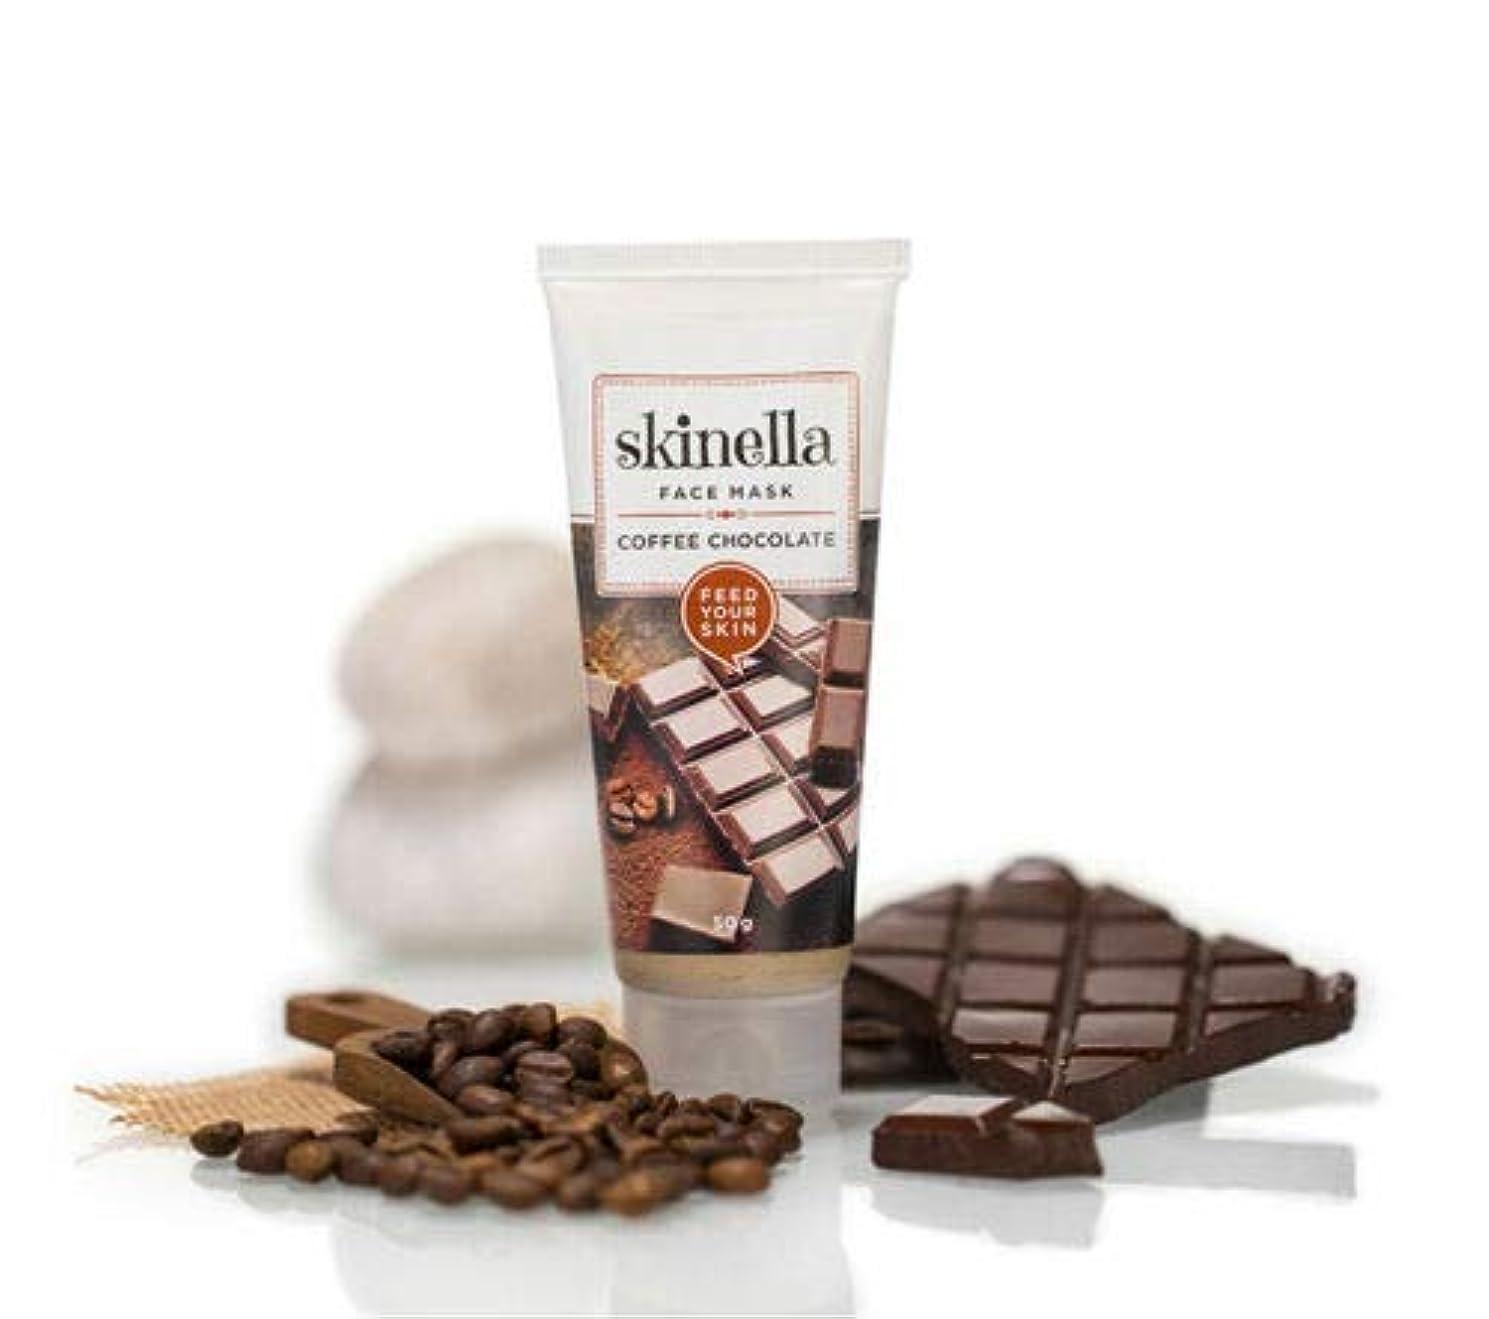 使役更新する年齢Skinella Coffee Chocolate Face Mask 50g for a hydrated and rejuvenated look Skinellaコーヒーチョコレートフェイスマスク50g